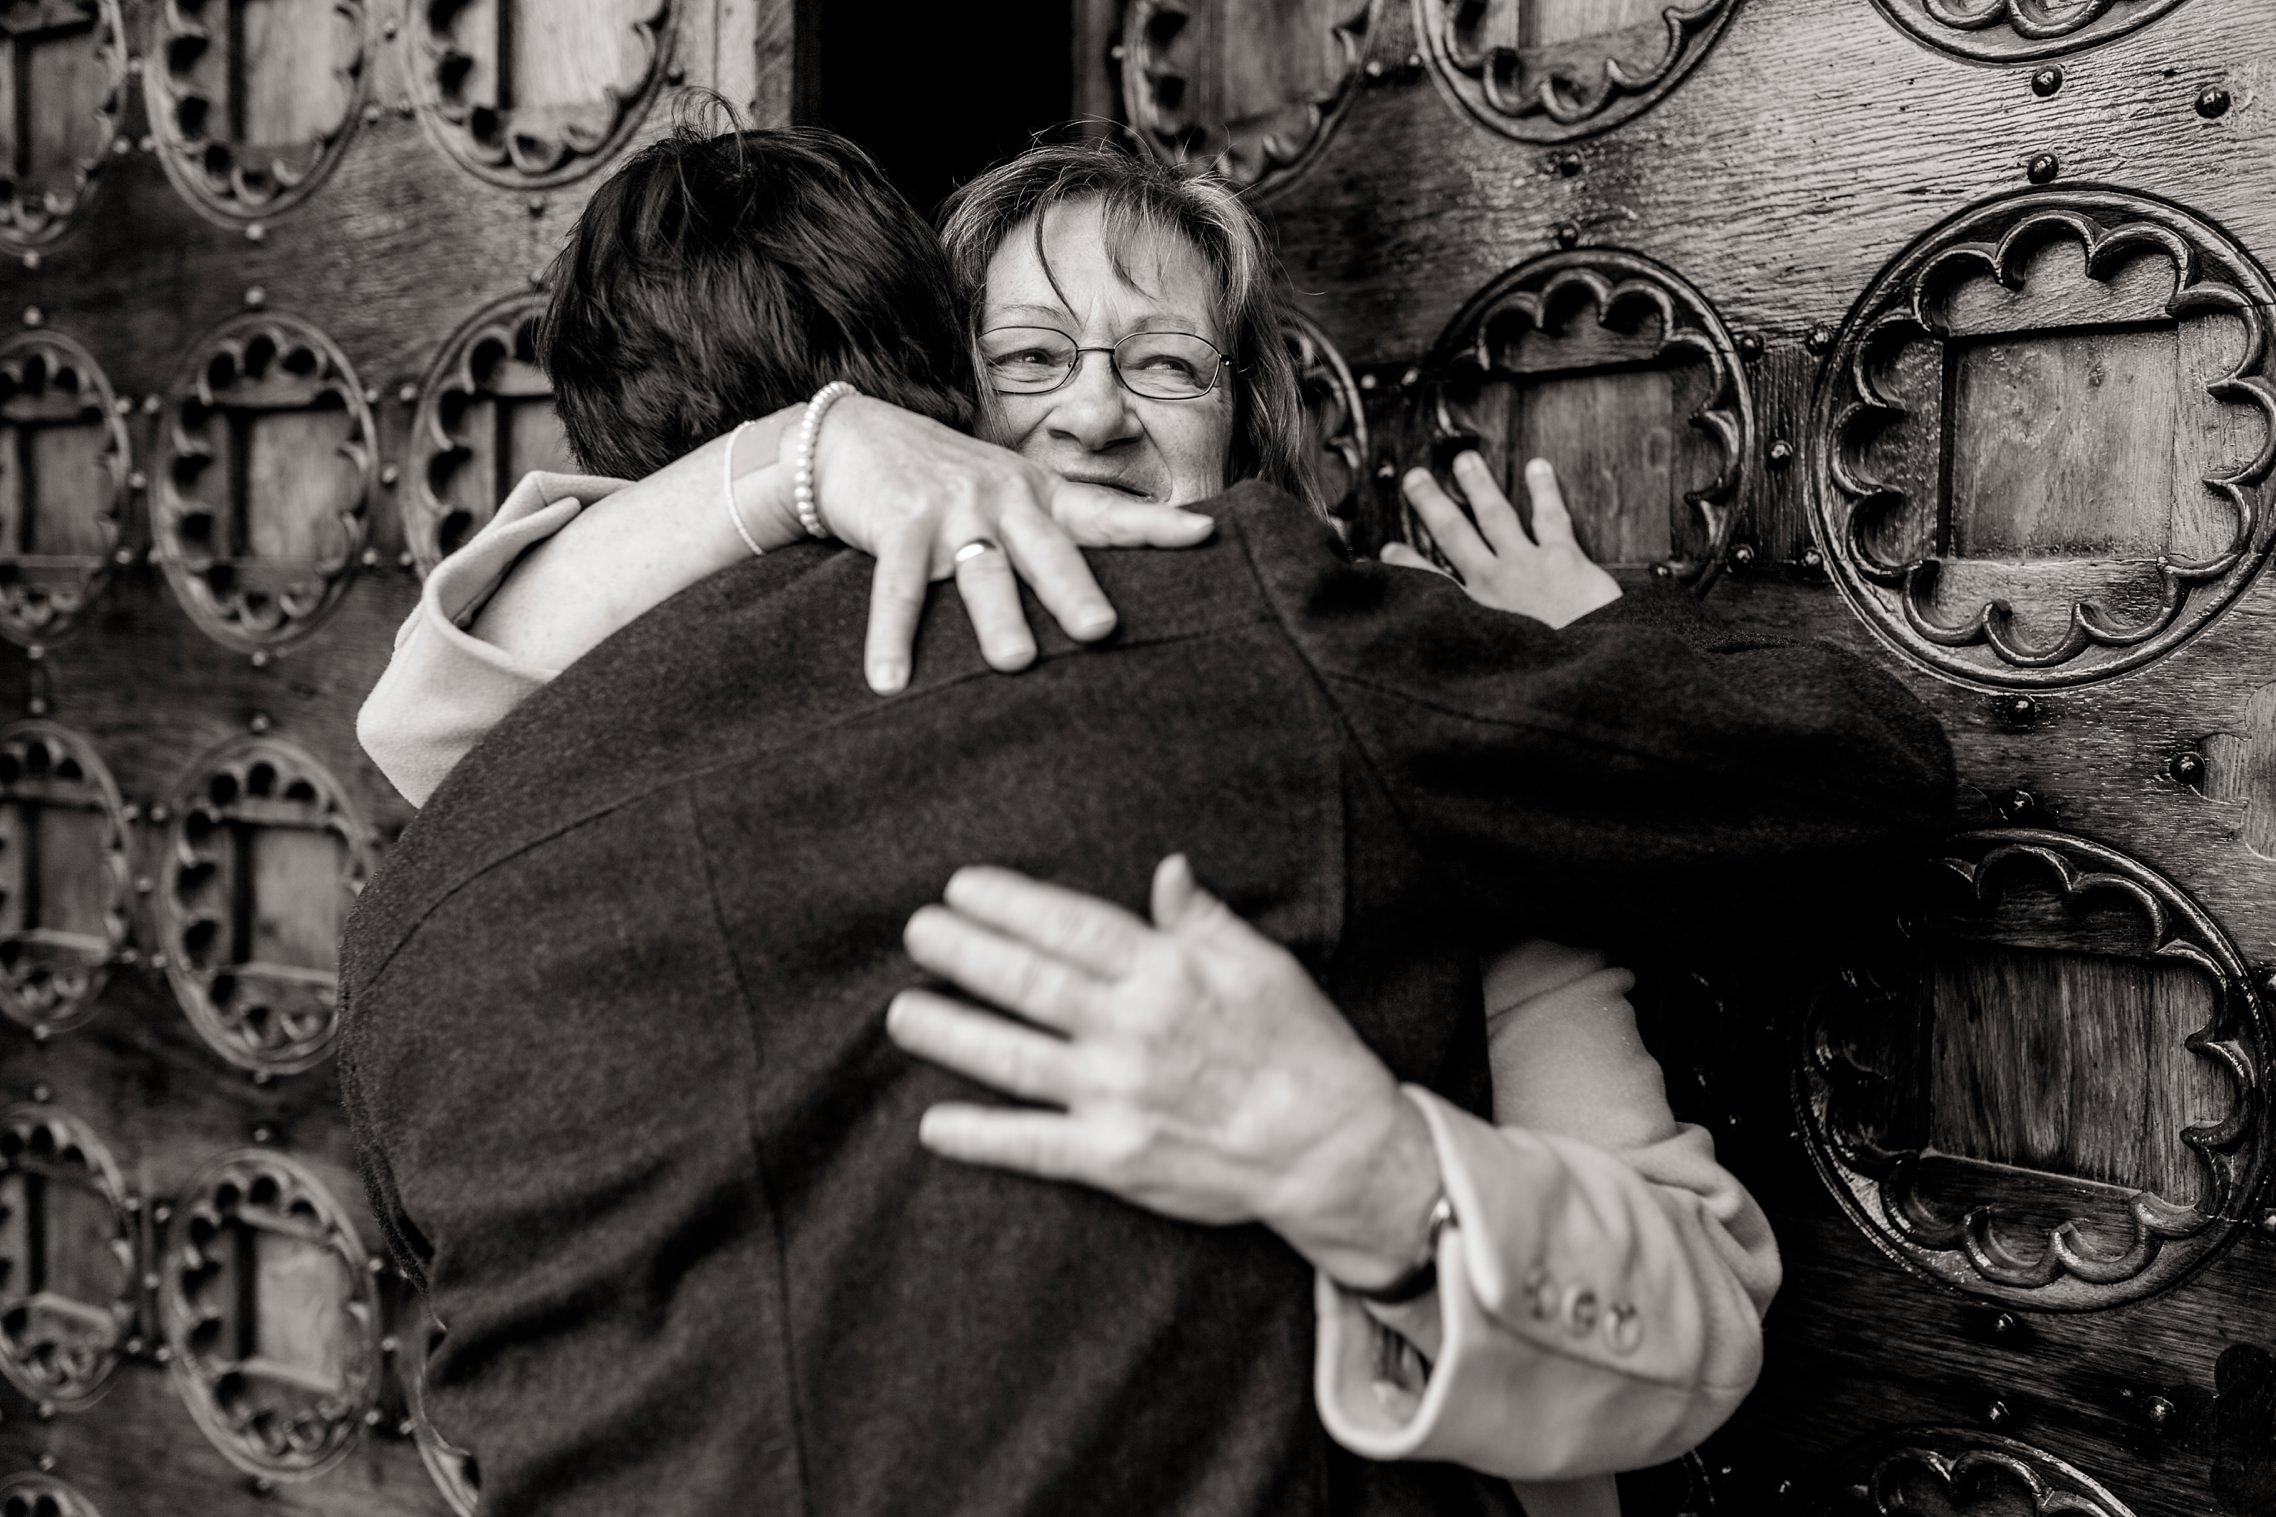 Die Mutter des Bräutigams umarmt ihren Sohn noch einmal innig vor der kirchlichen Trauung.